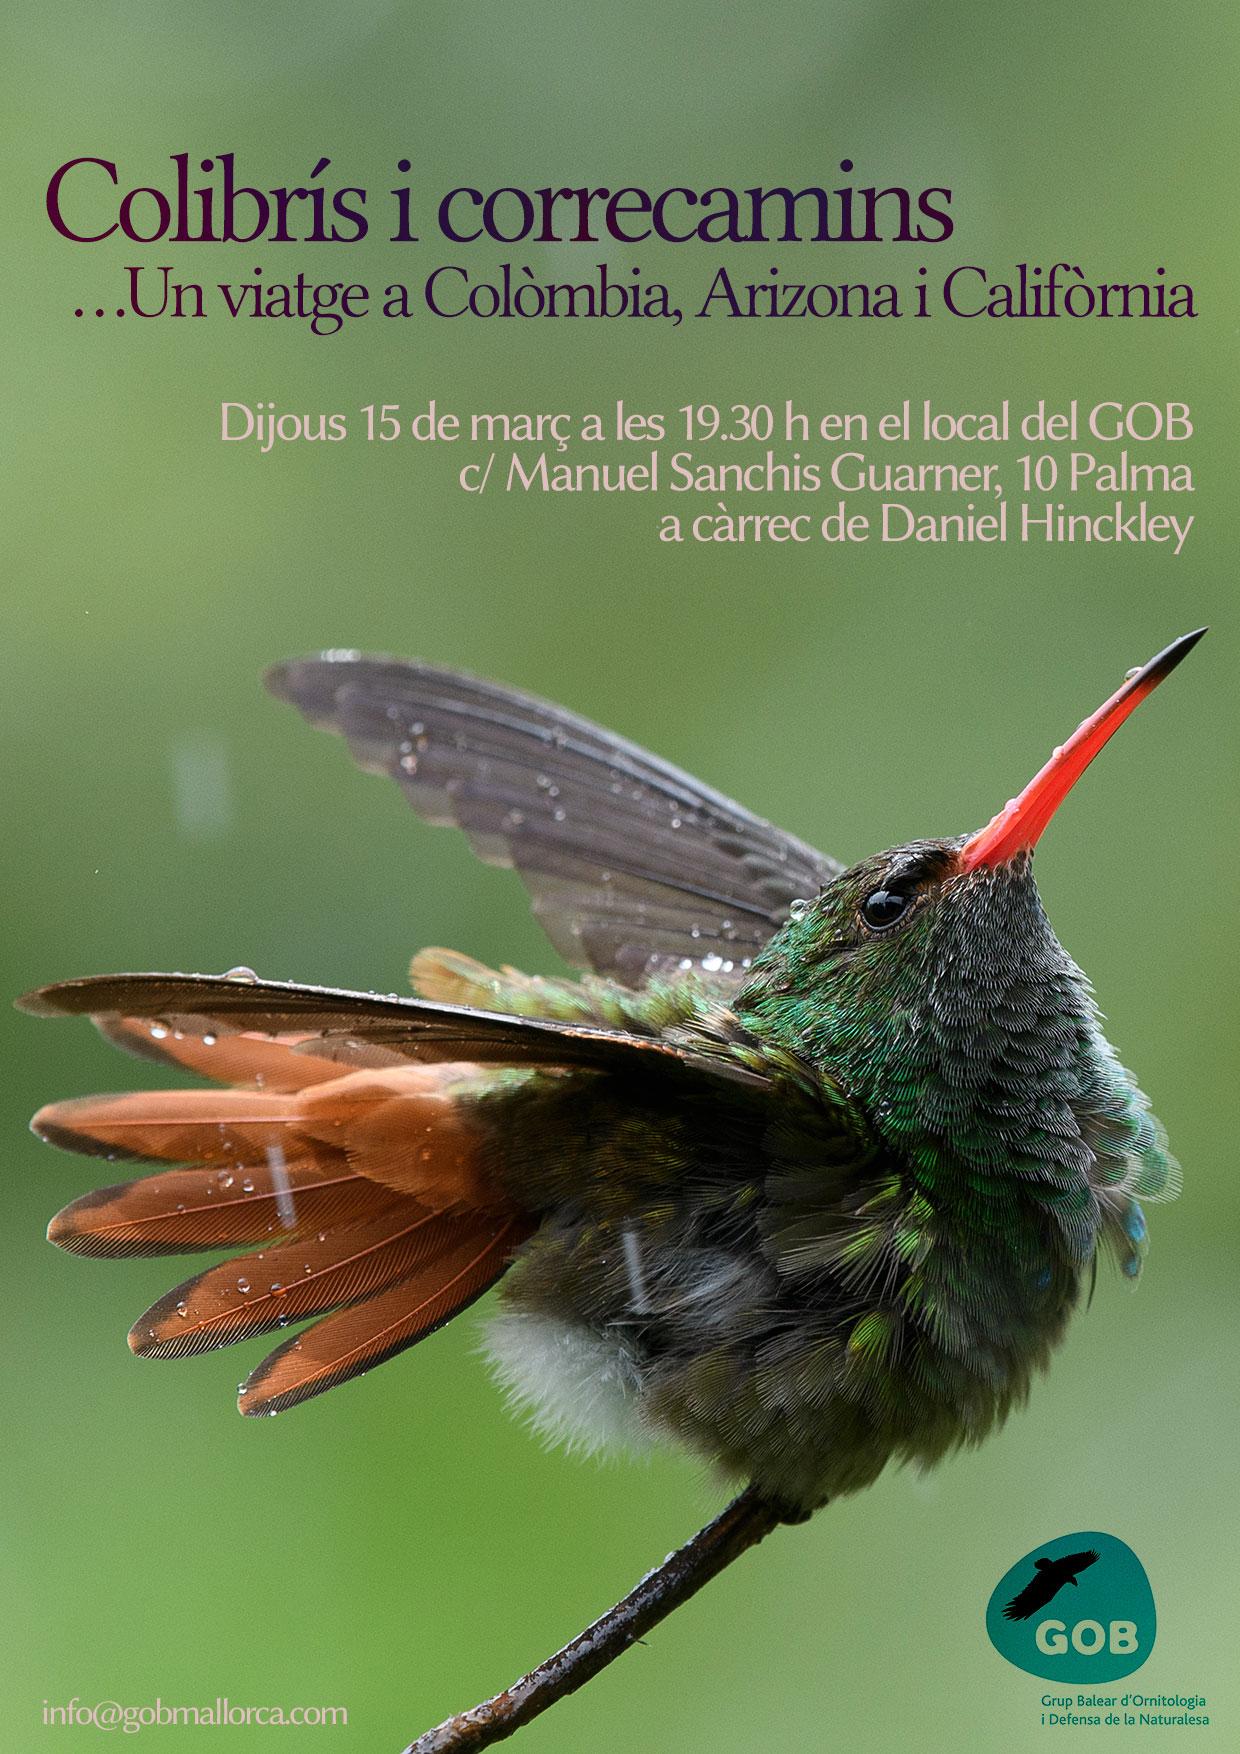 """Xerrada i projecció: """"Colibrís i correcamins. Un viatge a Colòmbia, Arizona i Califòrnia"""" (15-03-18)"""